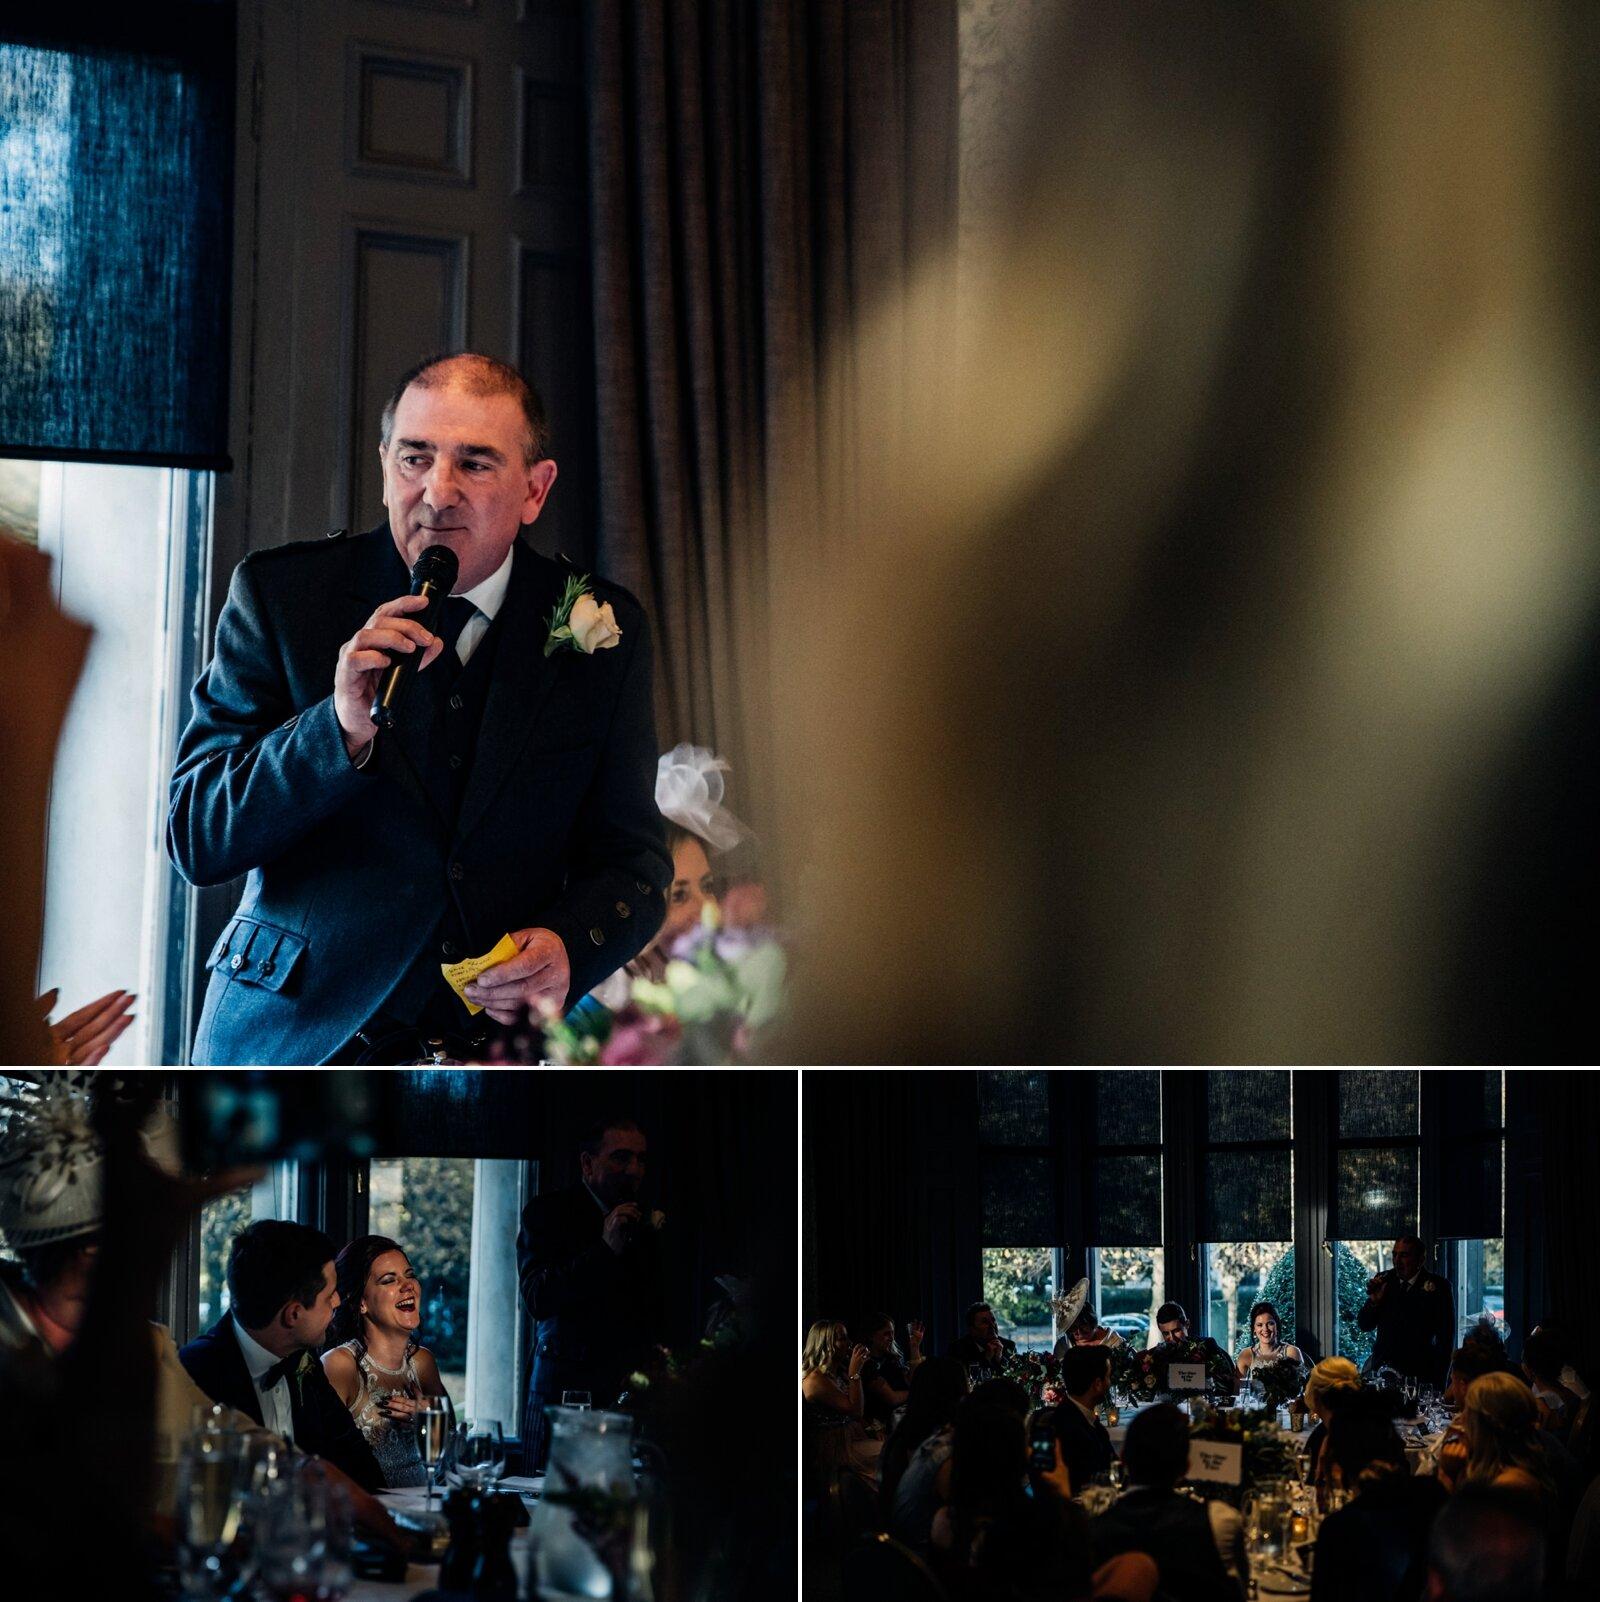 Andy&Szerdi-Photography_Reception_Elaine-Stephen-13.jpg